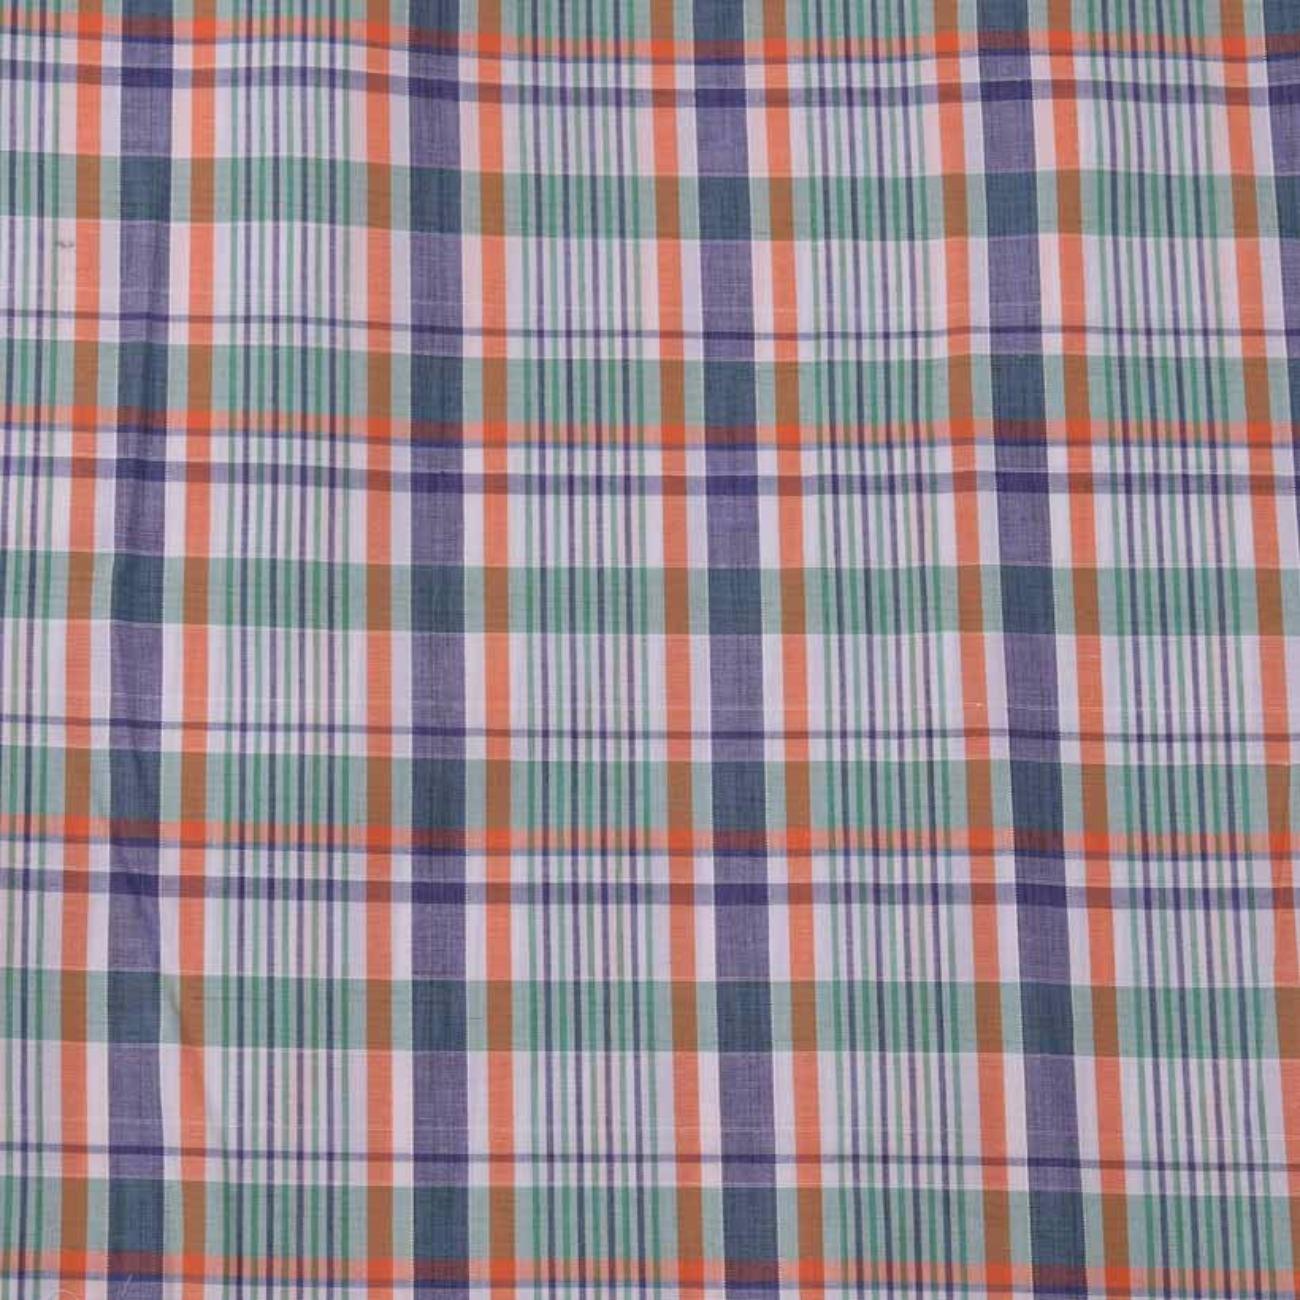 格子 色织 休闲时尚格 现货 梭织 提花 低弹  衬衫 连衣裙 短裙 棉感 60929-1